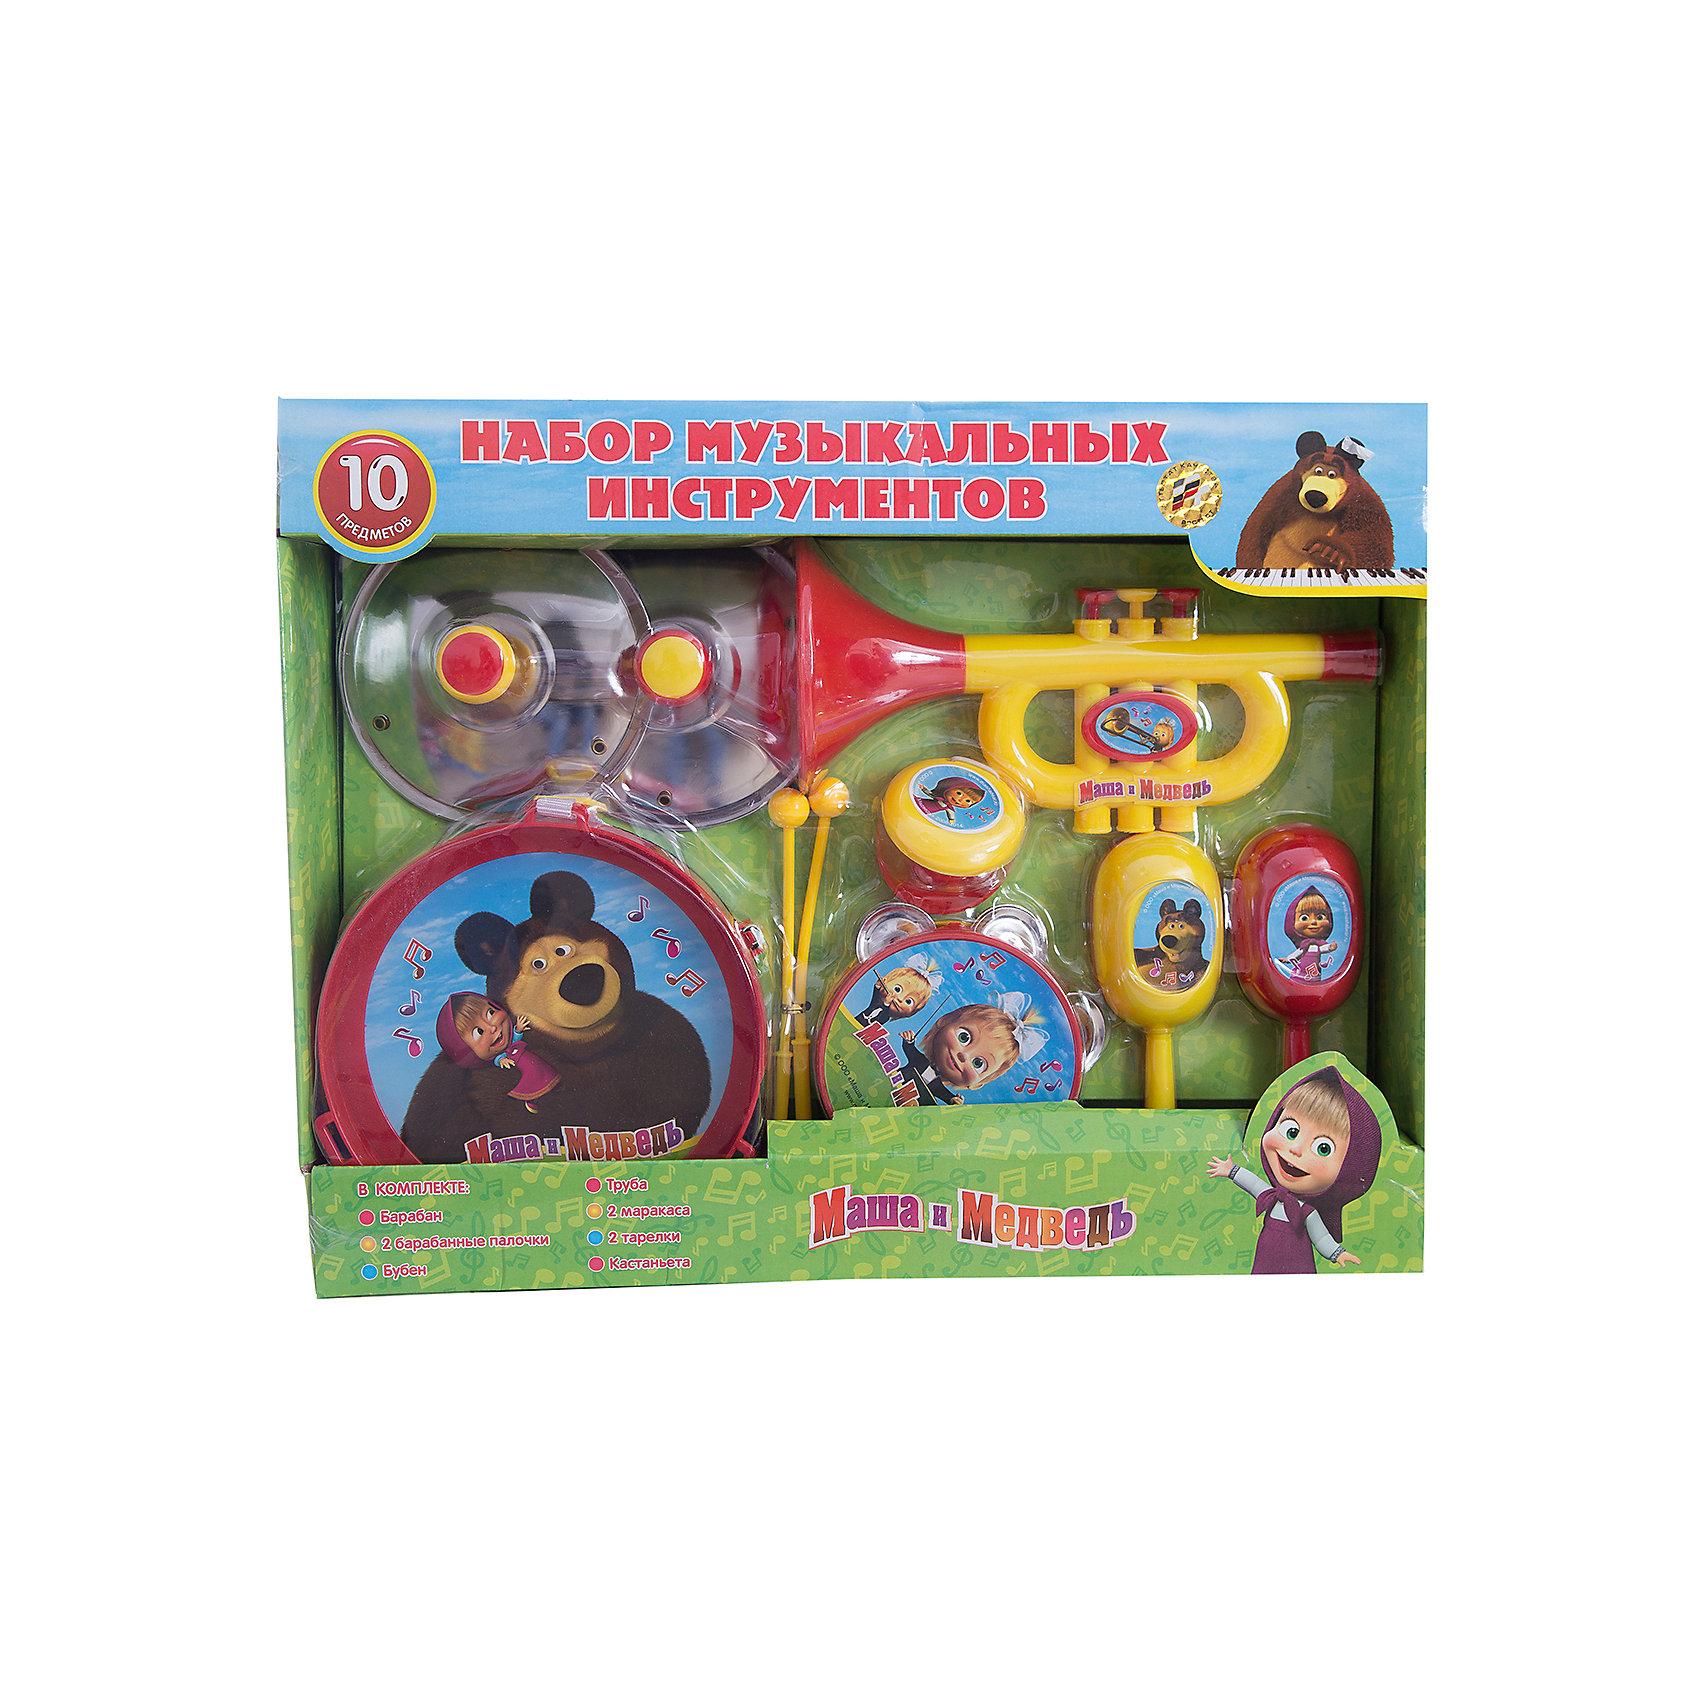 Набор музыкальных инструментов, 10 предметов, Маша и МедведьИгрушки<br>Набор музыкальных инструментов, 10 предметов, Маша и Медведь<br><br>Характеристики:<br><br>• изготовлены из прочного пластика<br>• яркий дизайн с любимыми героями мультфильма Маша и Медведь<br>• в комплекте: бубен, труба, барабан, 2 барабанные палочки, 2 тарелки, 2 маракаса, кастаньеты<br>• материал: пластик<br>• размер упаковки: 44х35х13 см<br>• вес: 815 грамм<br>• диаметр барабана: 17 см<br>• диаметр бубна: 10,5 см<br><br>В наборе Маша и Медведь каждый ребенок сможет найти свой любимый музыкальный инструмент. В набор входят маракасы, бубен, труба, барабан, тарелки и даже кастаньеты. Можно учиться играть самому или организовать с друзьями настоящий оркестр. С этим набором ребенок сможет создать отличное музыкальное сопровождение семейного вечера!<br><br>Набор музыкальных инструментов, 10 предметов, Маша и Медведь вы можете купить в нашем интернет-магазине.<br><br>Ширина мм: 340<br>Глубина мм: 440<br>Высота мм: 110<br>Вес г: 2267<br>Возраст от месяцев: 36<br>Возраст до месяцев: 144<br>Пол: Унисекс<br>Возраст: Детский<br>SKU: 3384111